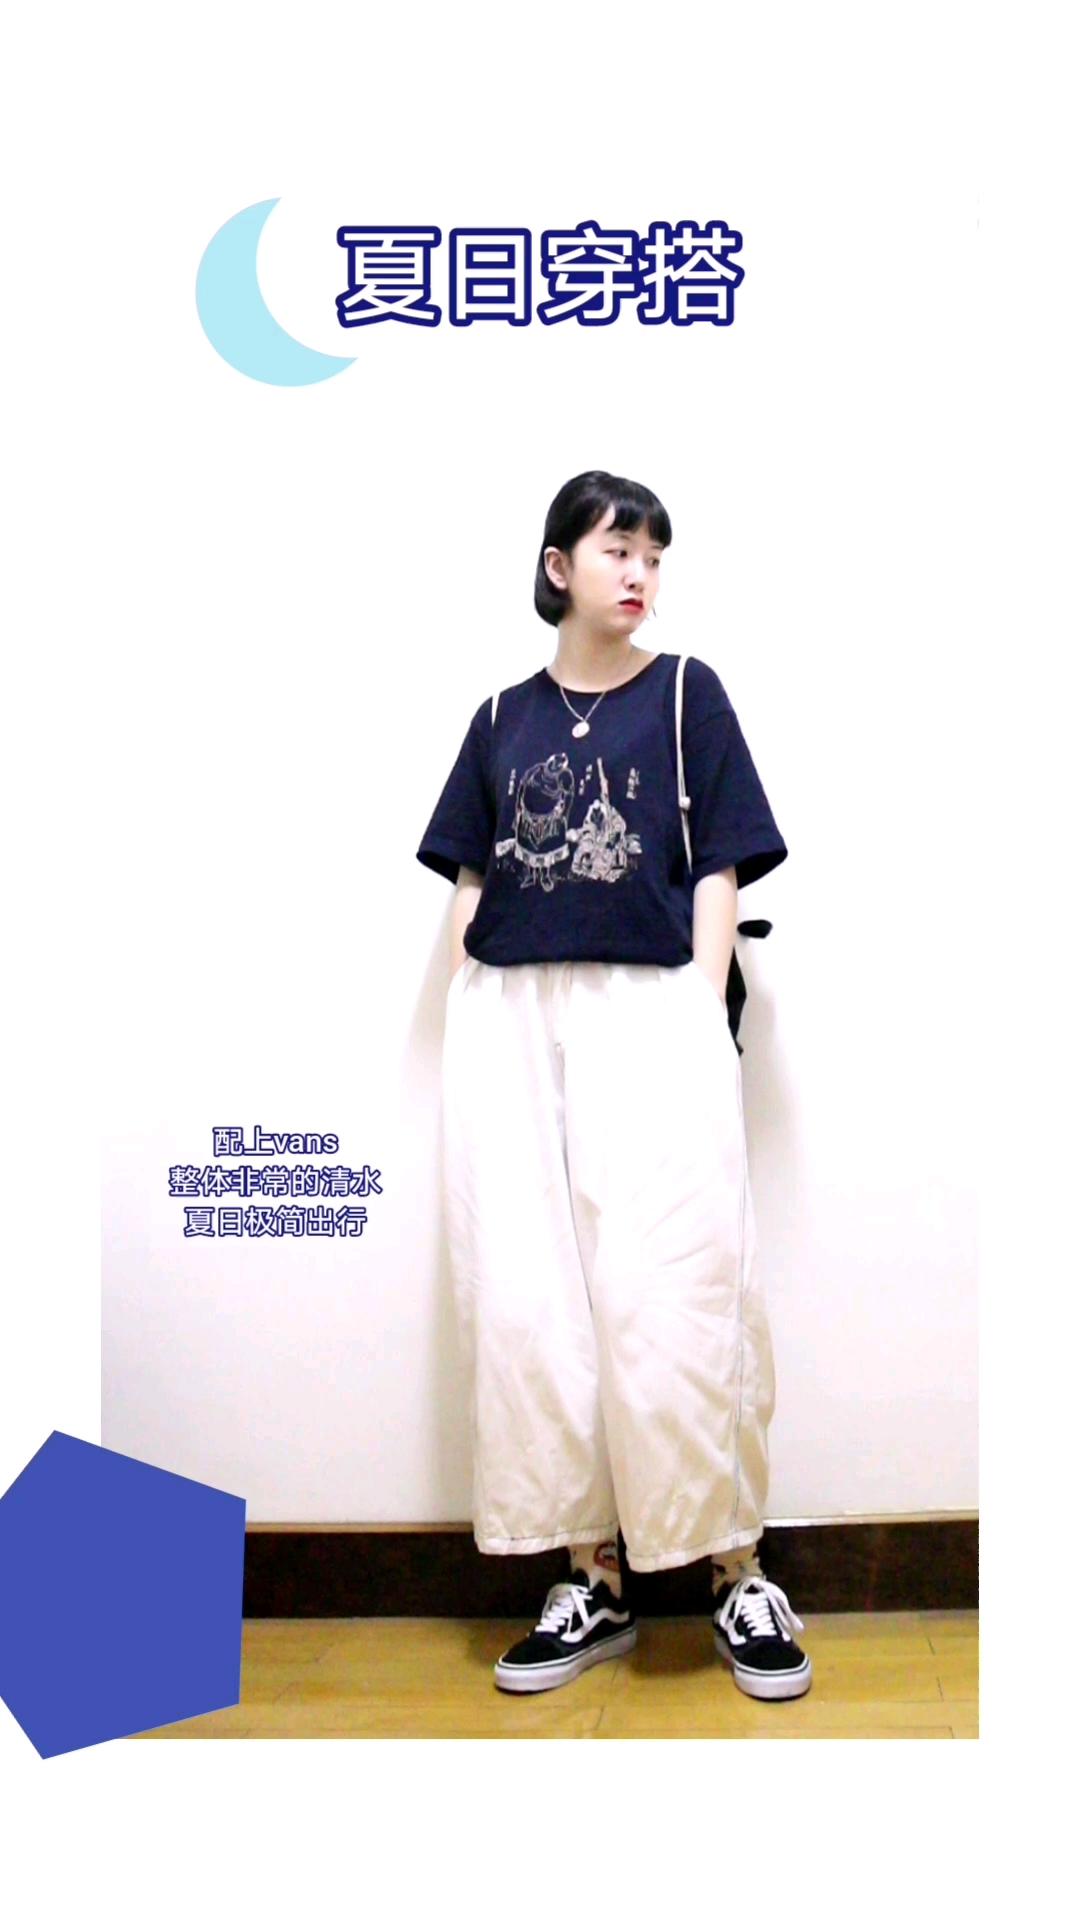 #六一我的节,最减龄穿搭!#  藏青色t恤,l码,偏大,颜色超级显白了 搭配白色萝卜裤,m码,松紧腰,可可爱爱 配了自制包包,vans,清清爽爽出门